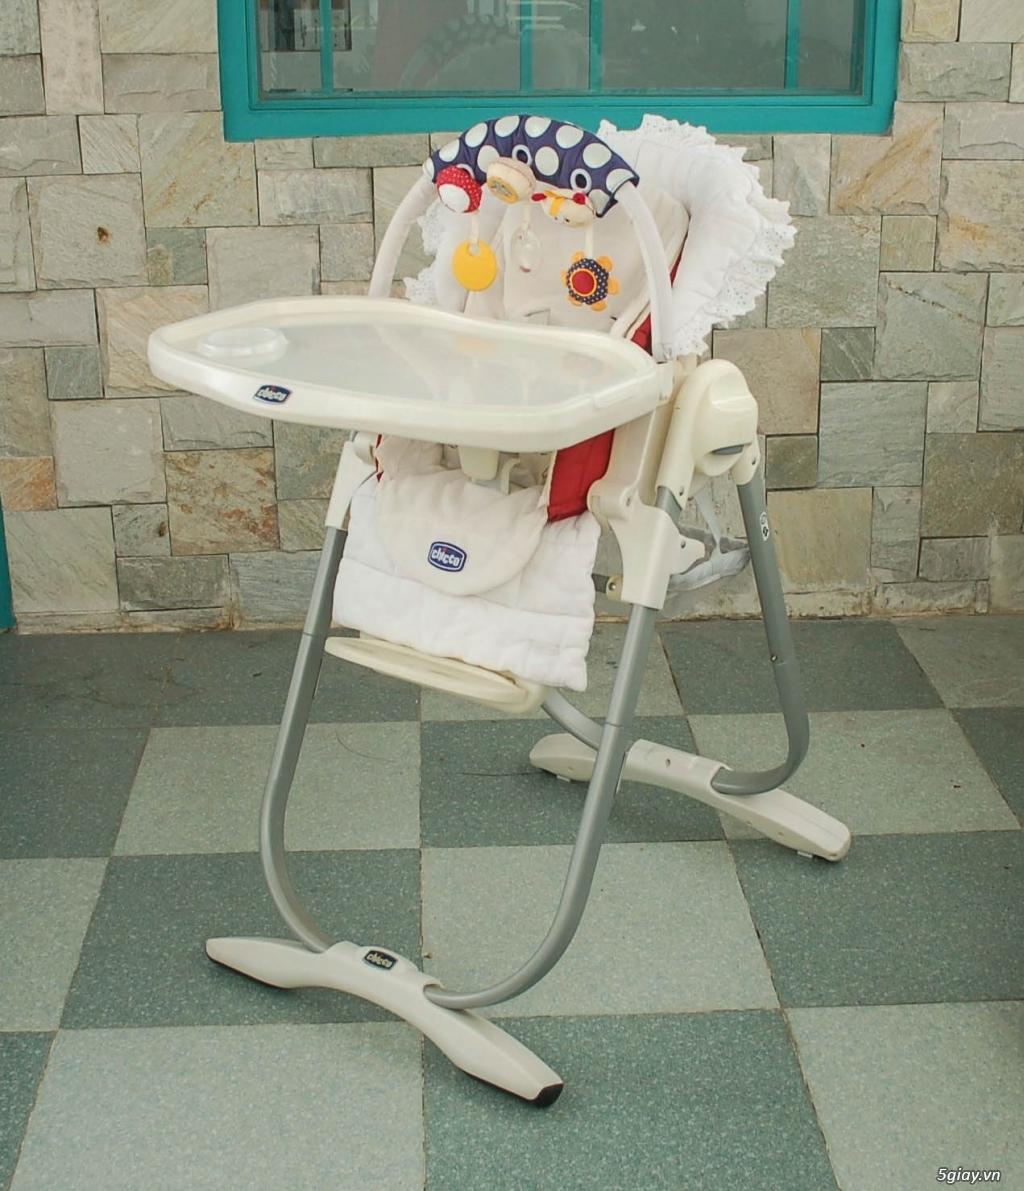 Xe 3 bánh - Ghế nôi đa năng Combi - Aprica - Baby Trend - 28